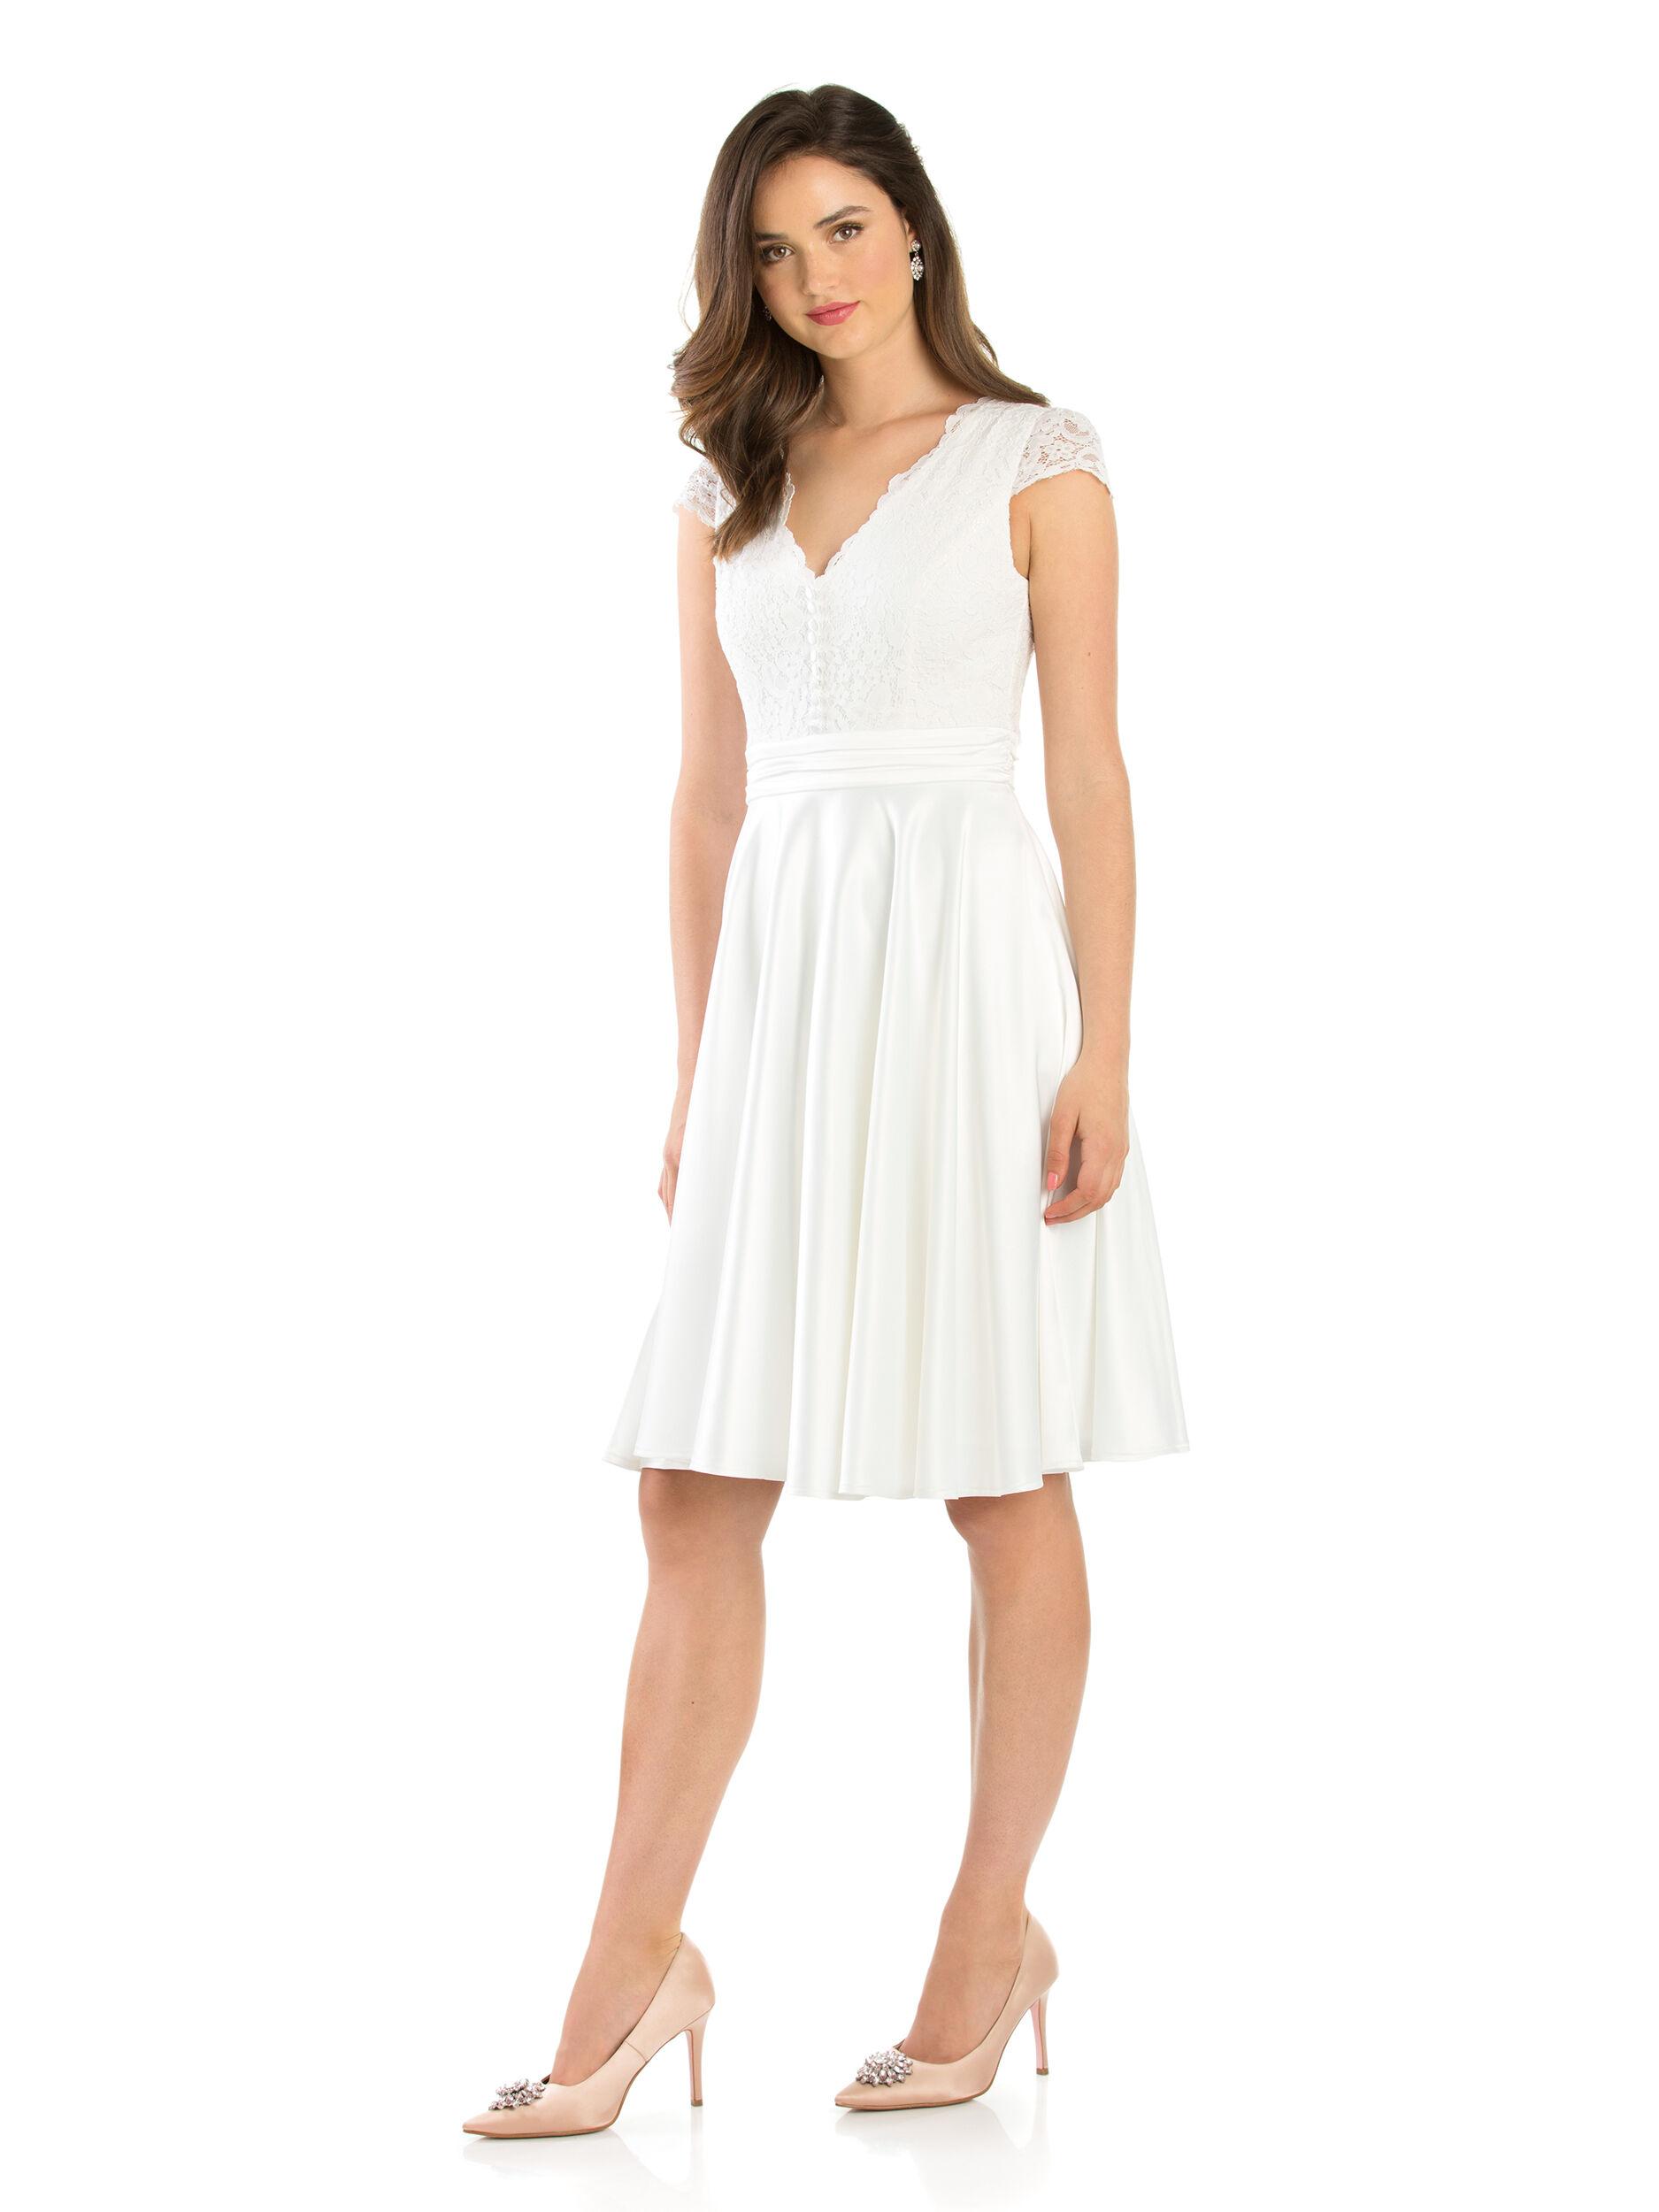 Love Me Forever Dress